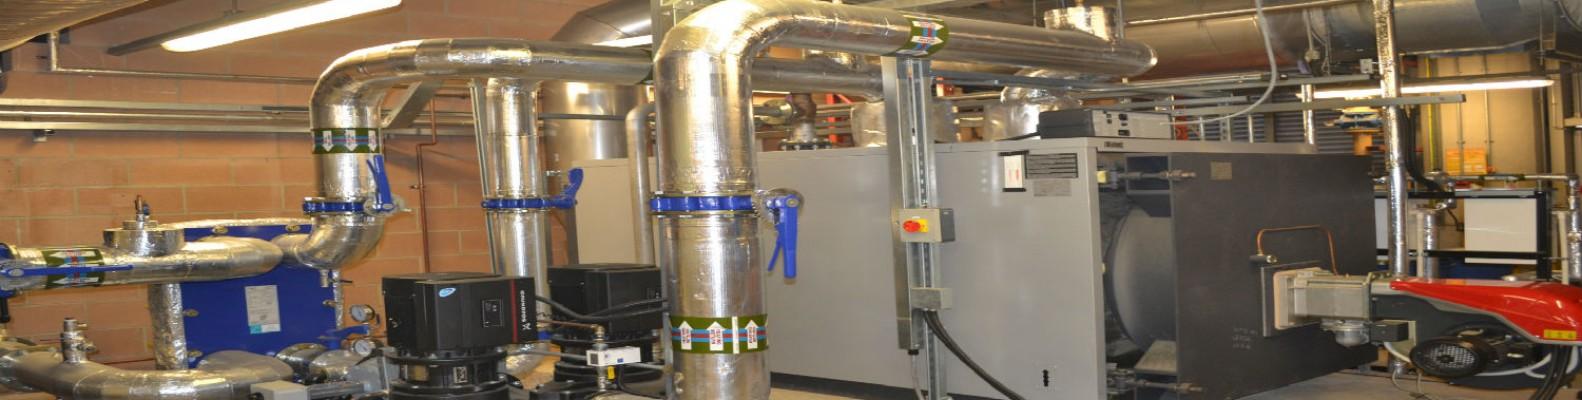 NEC-Gas